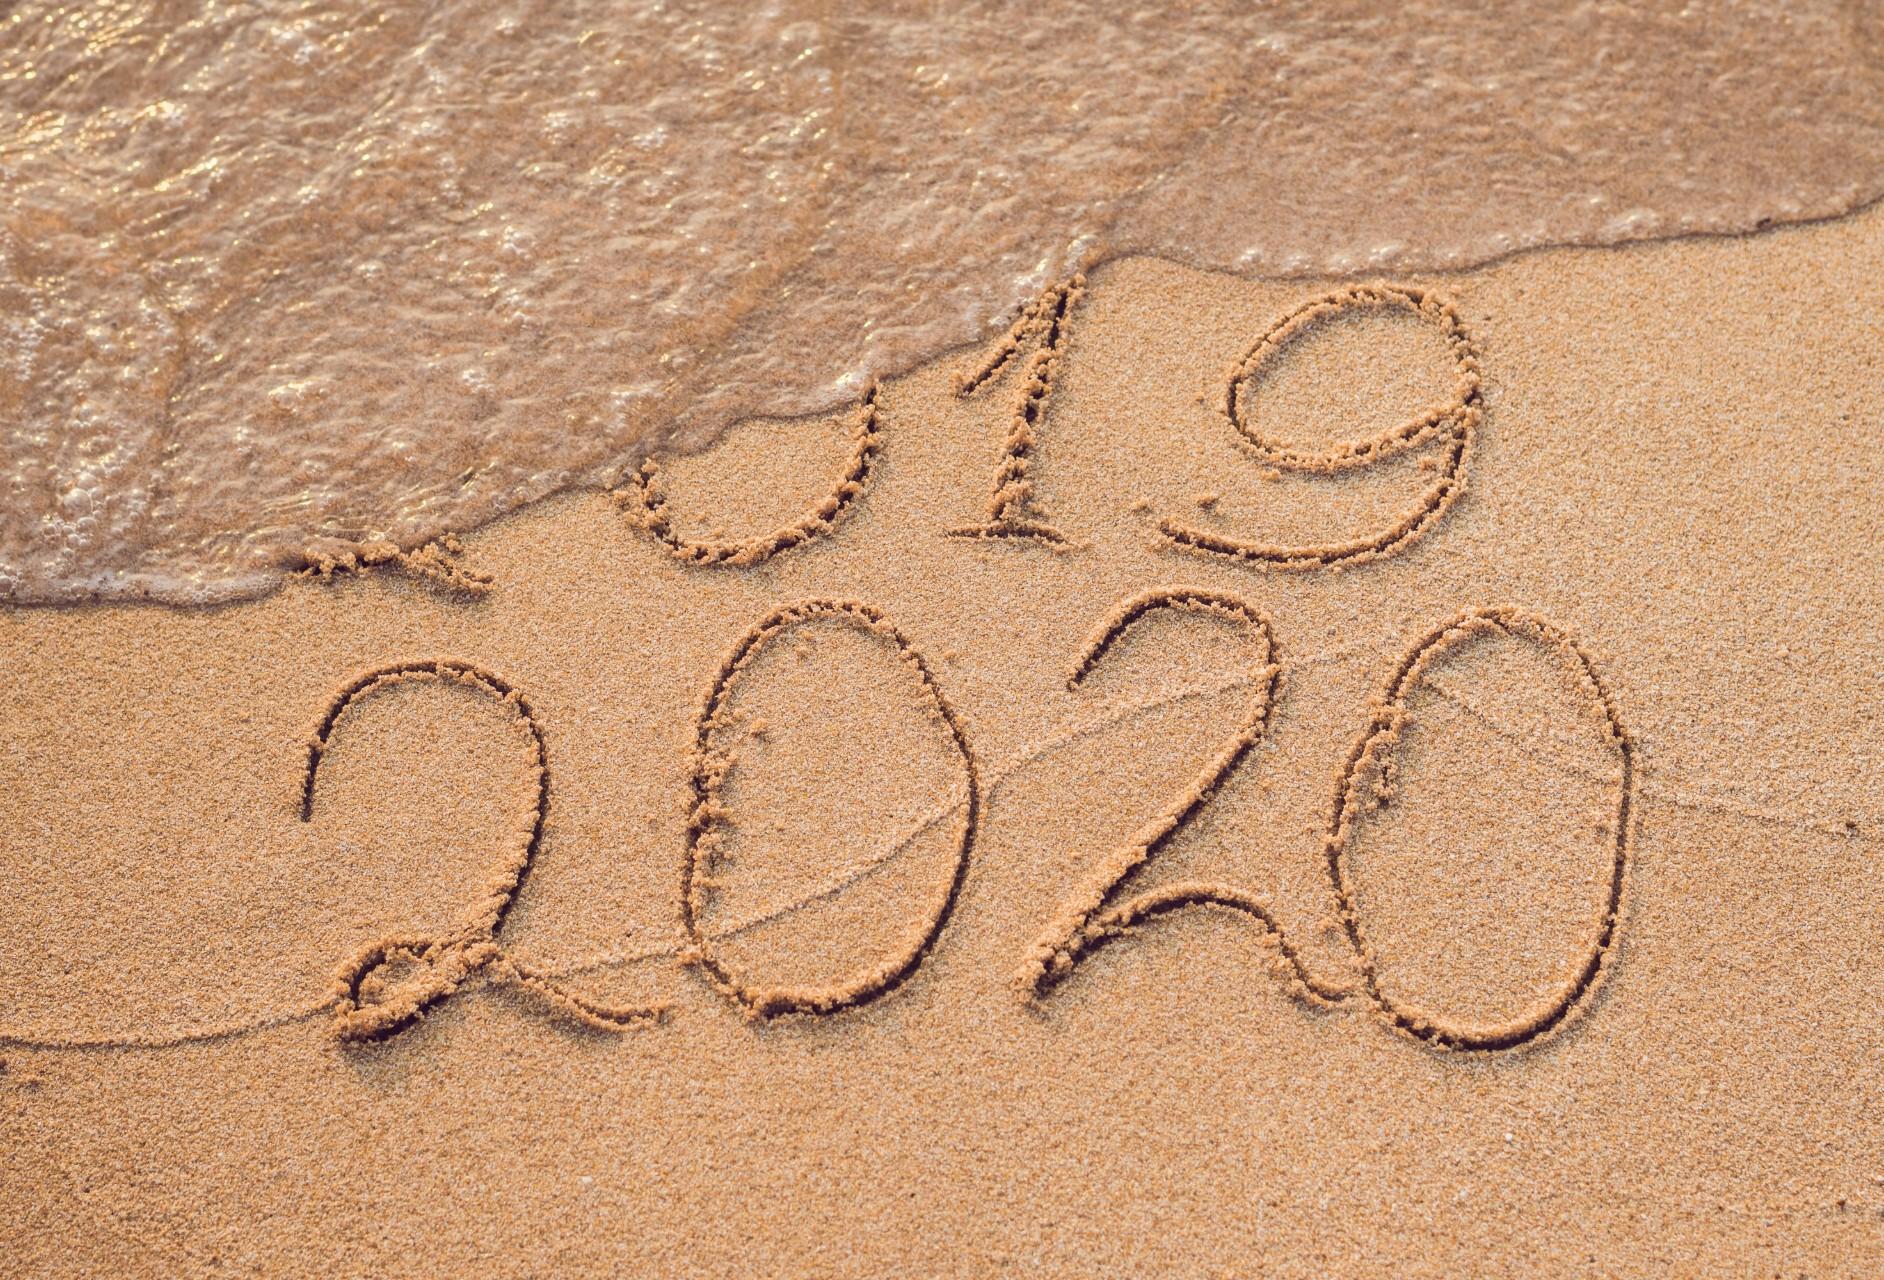 2020 הולכת להיות שנה מדהימה בשבילך [מתנה מצורפת- לוח תכנון והגדרת מטרות]